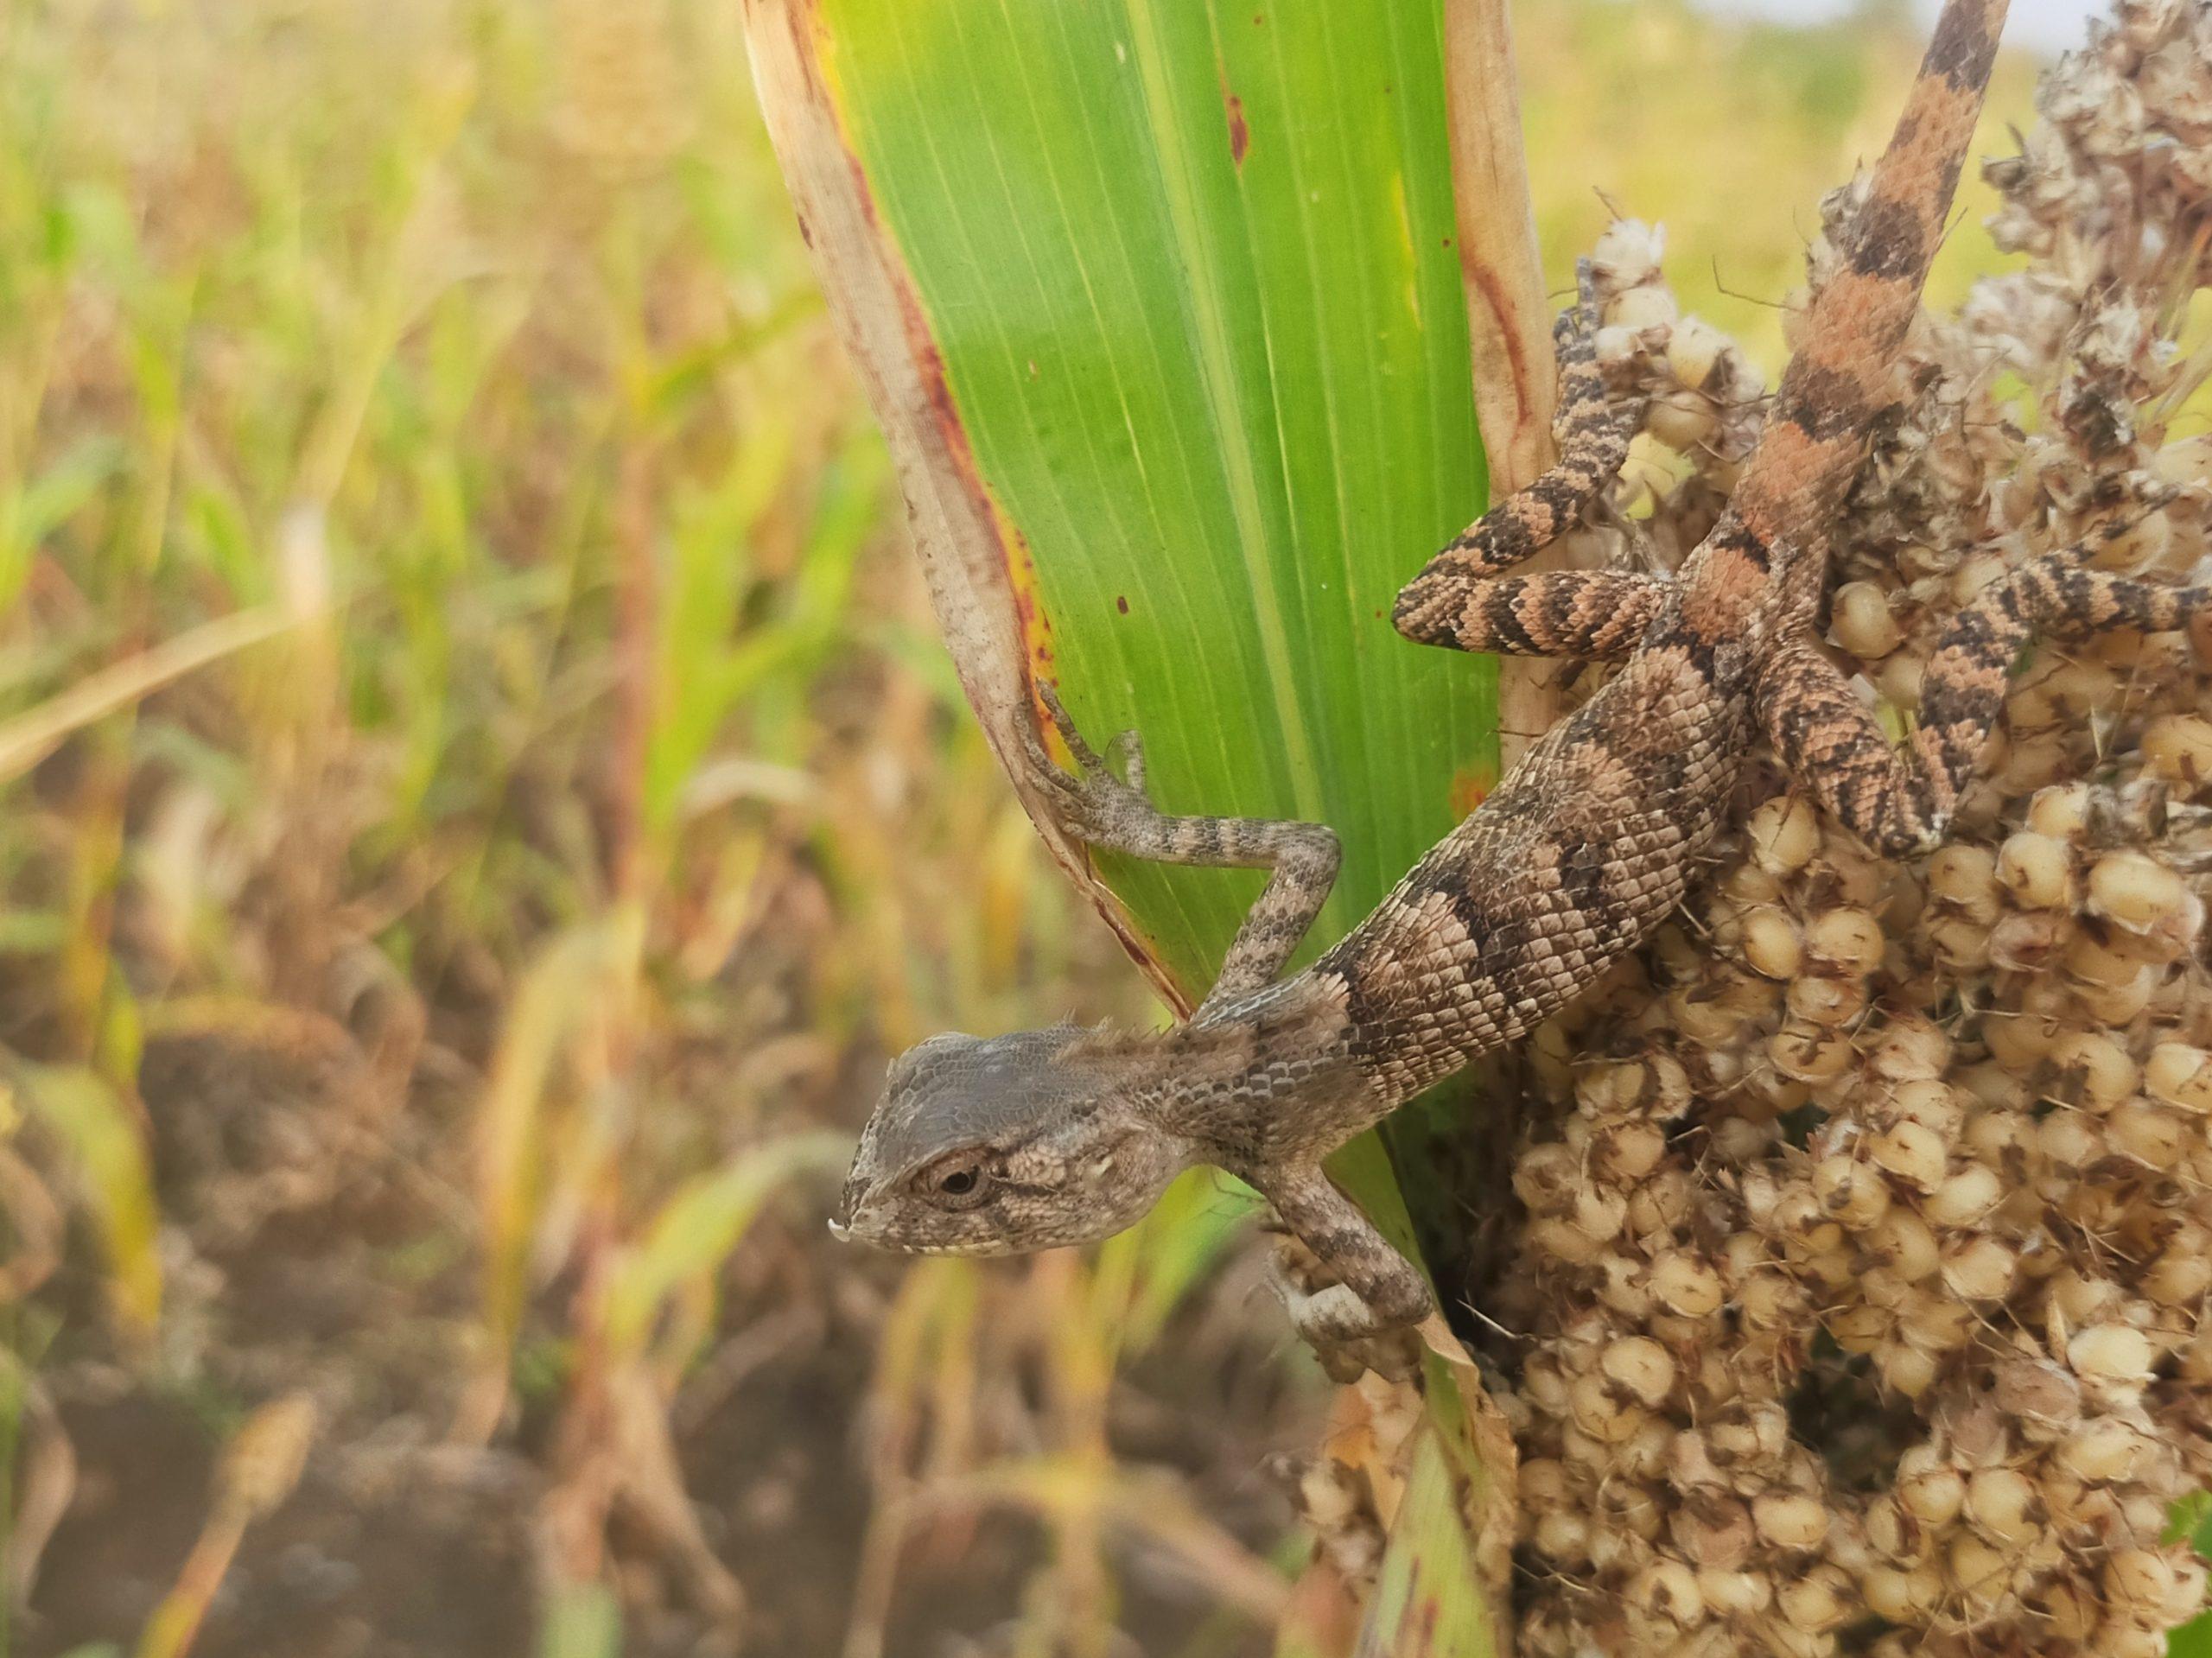 A garden lizard on a sorghum plant